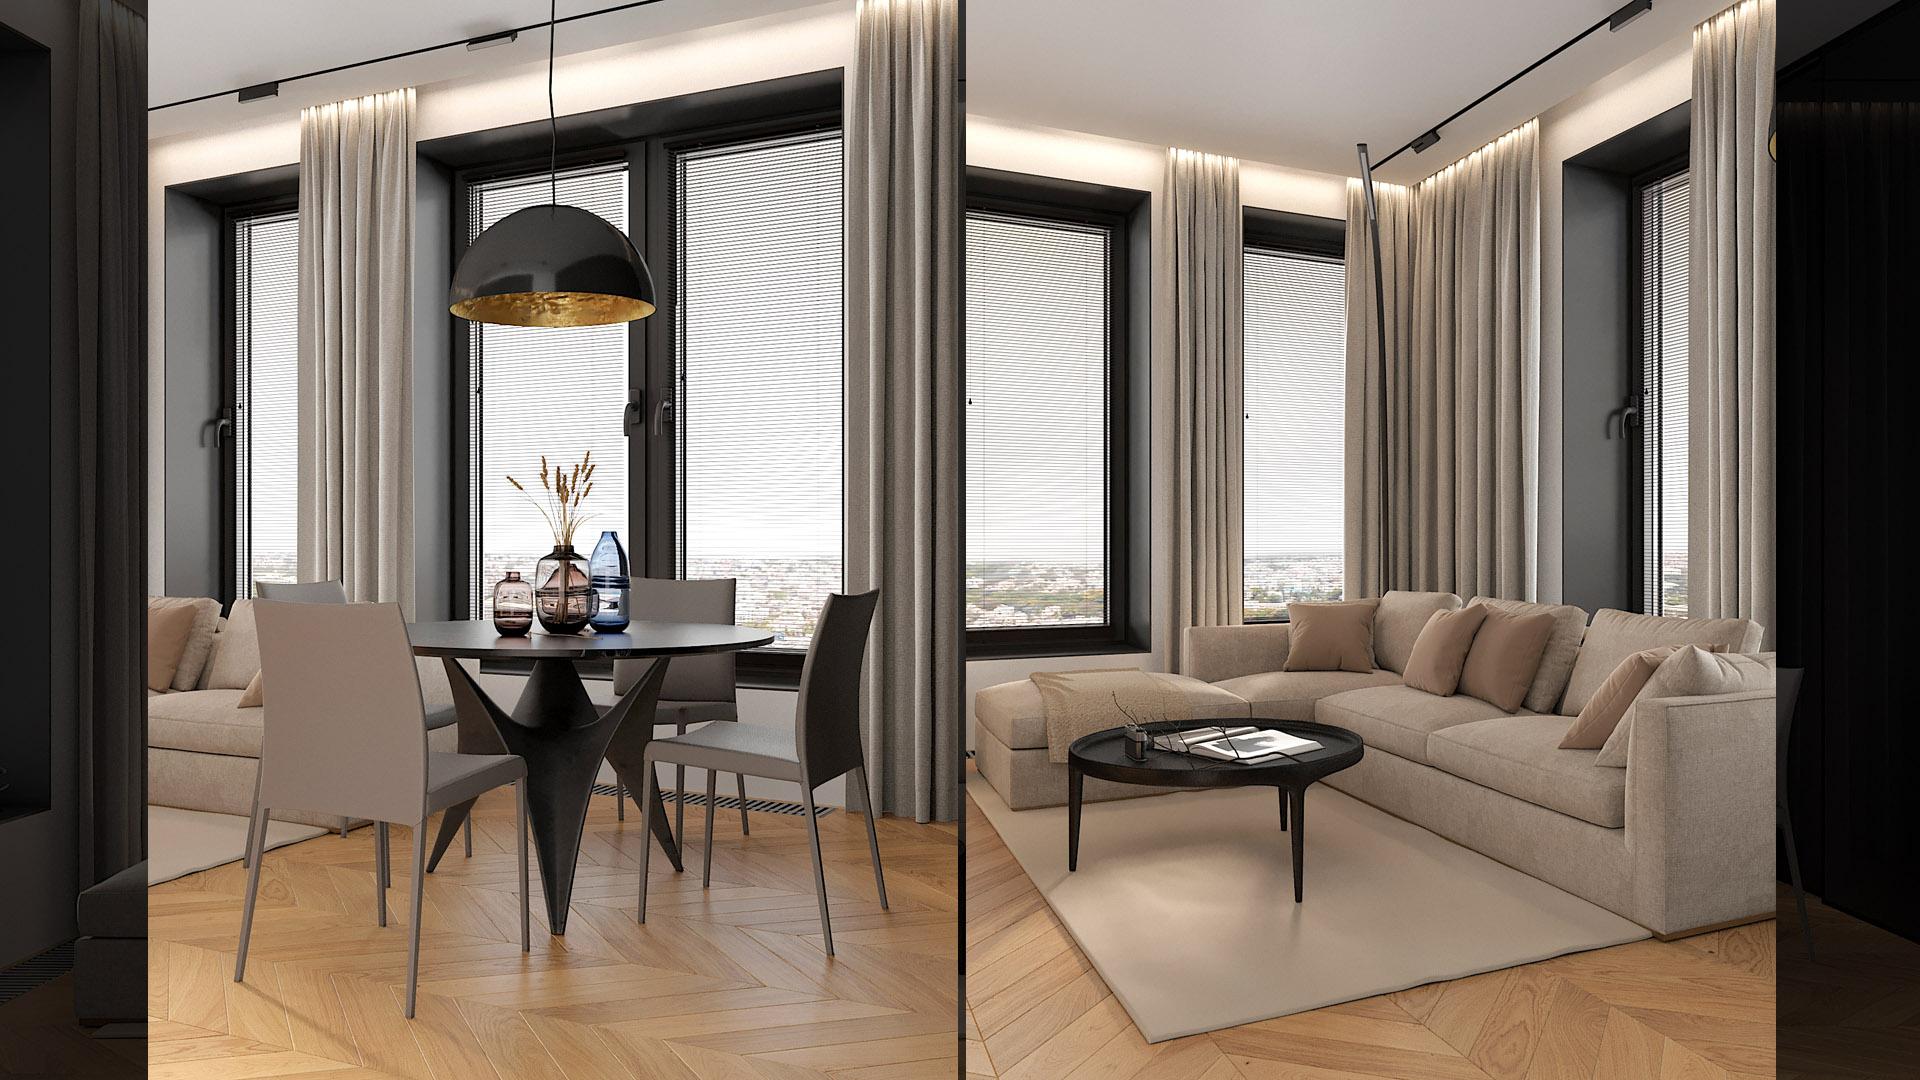 Квартира вместо отеля: графичный интерьер без лишних деталей